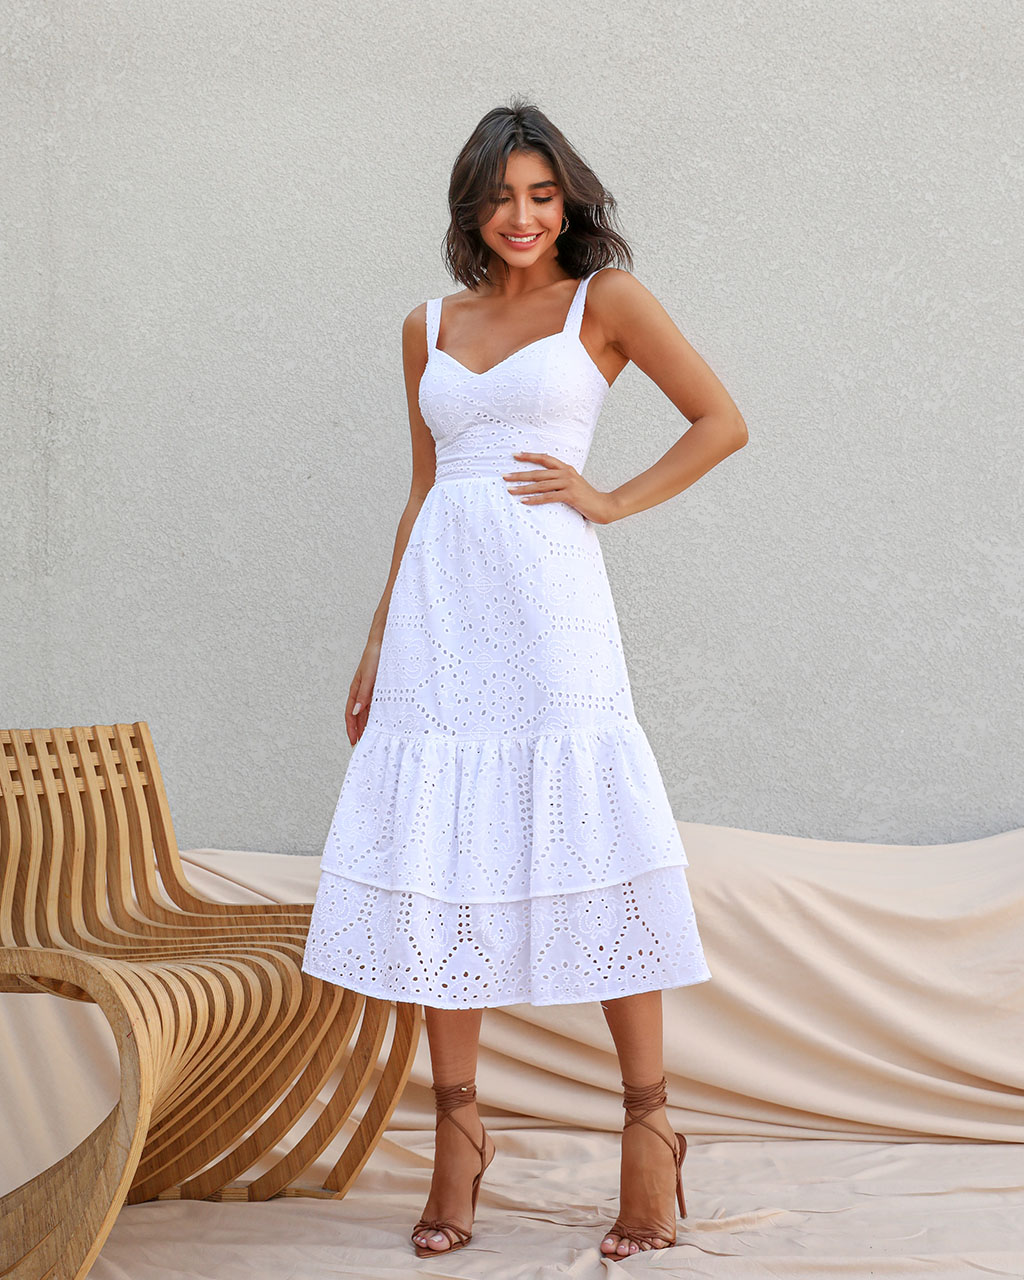 Vestido Eliana  - Empório NM